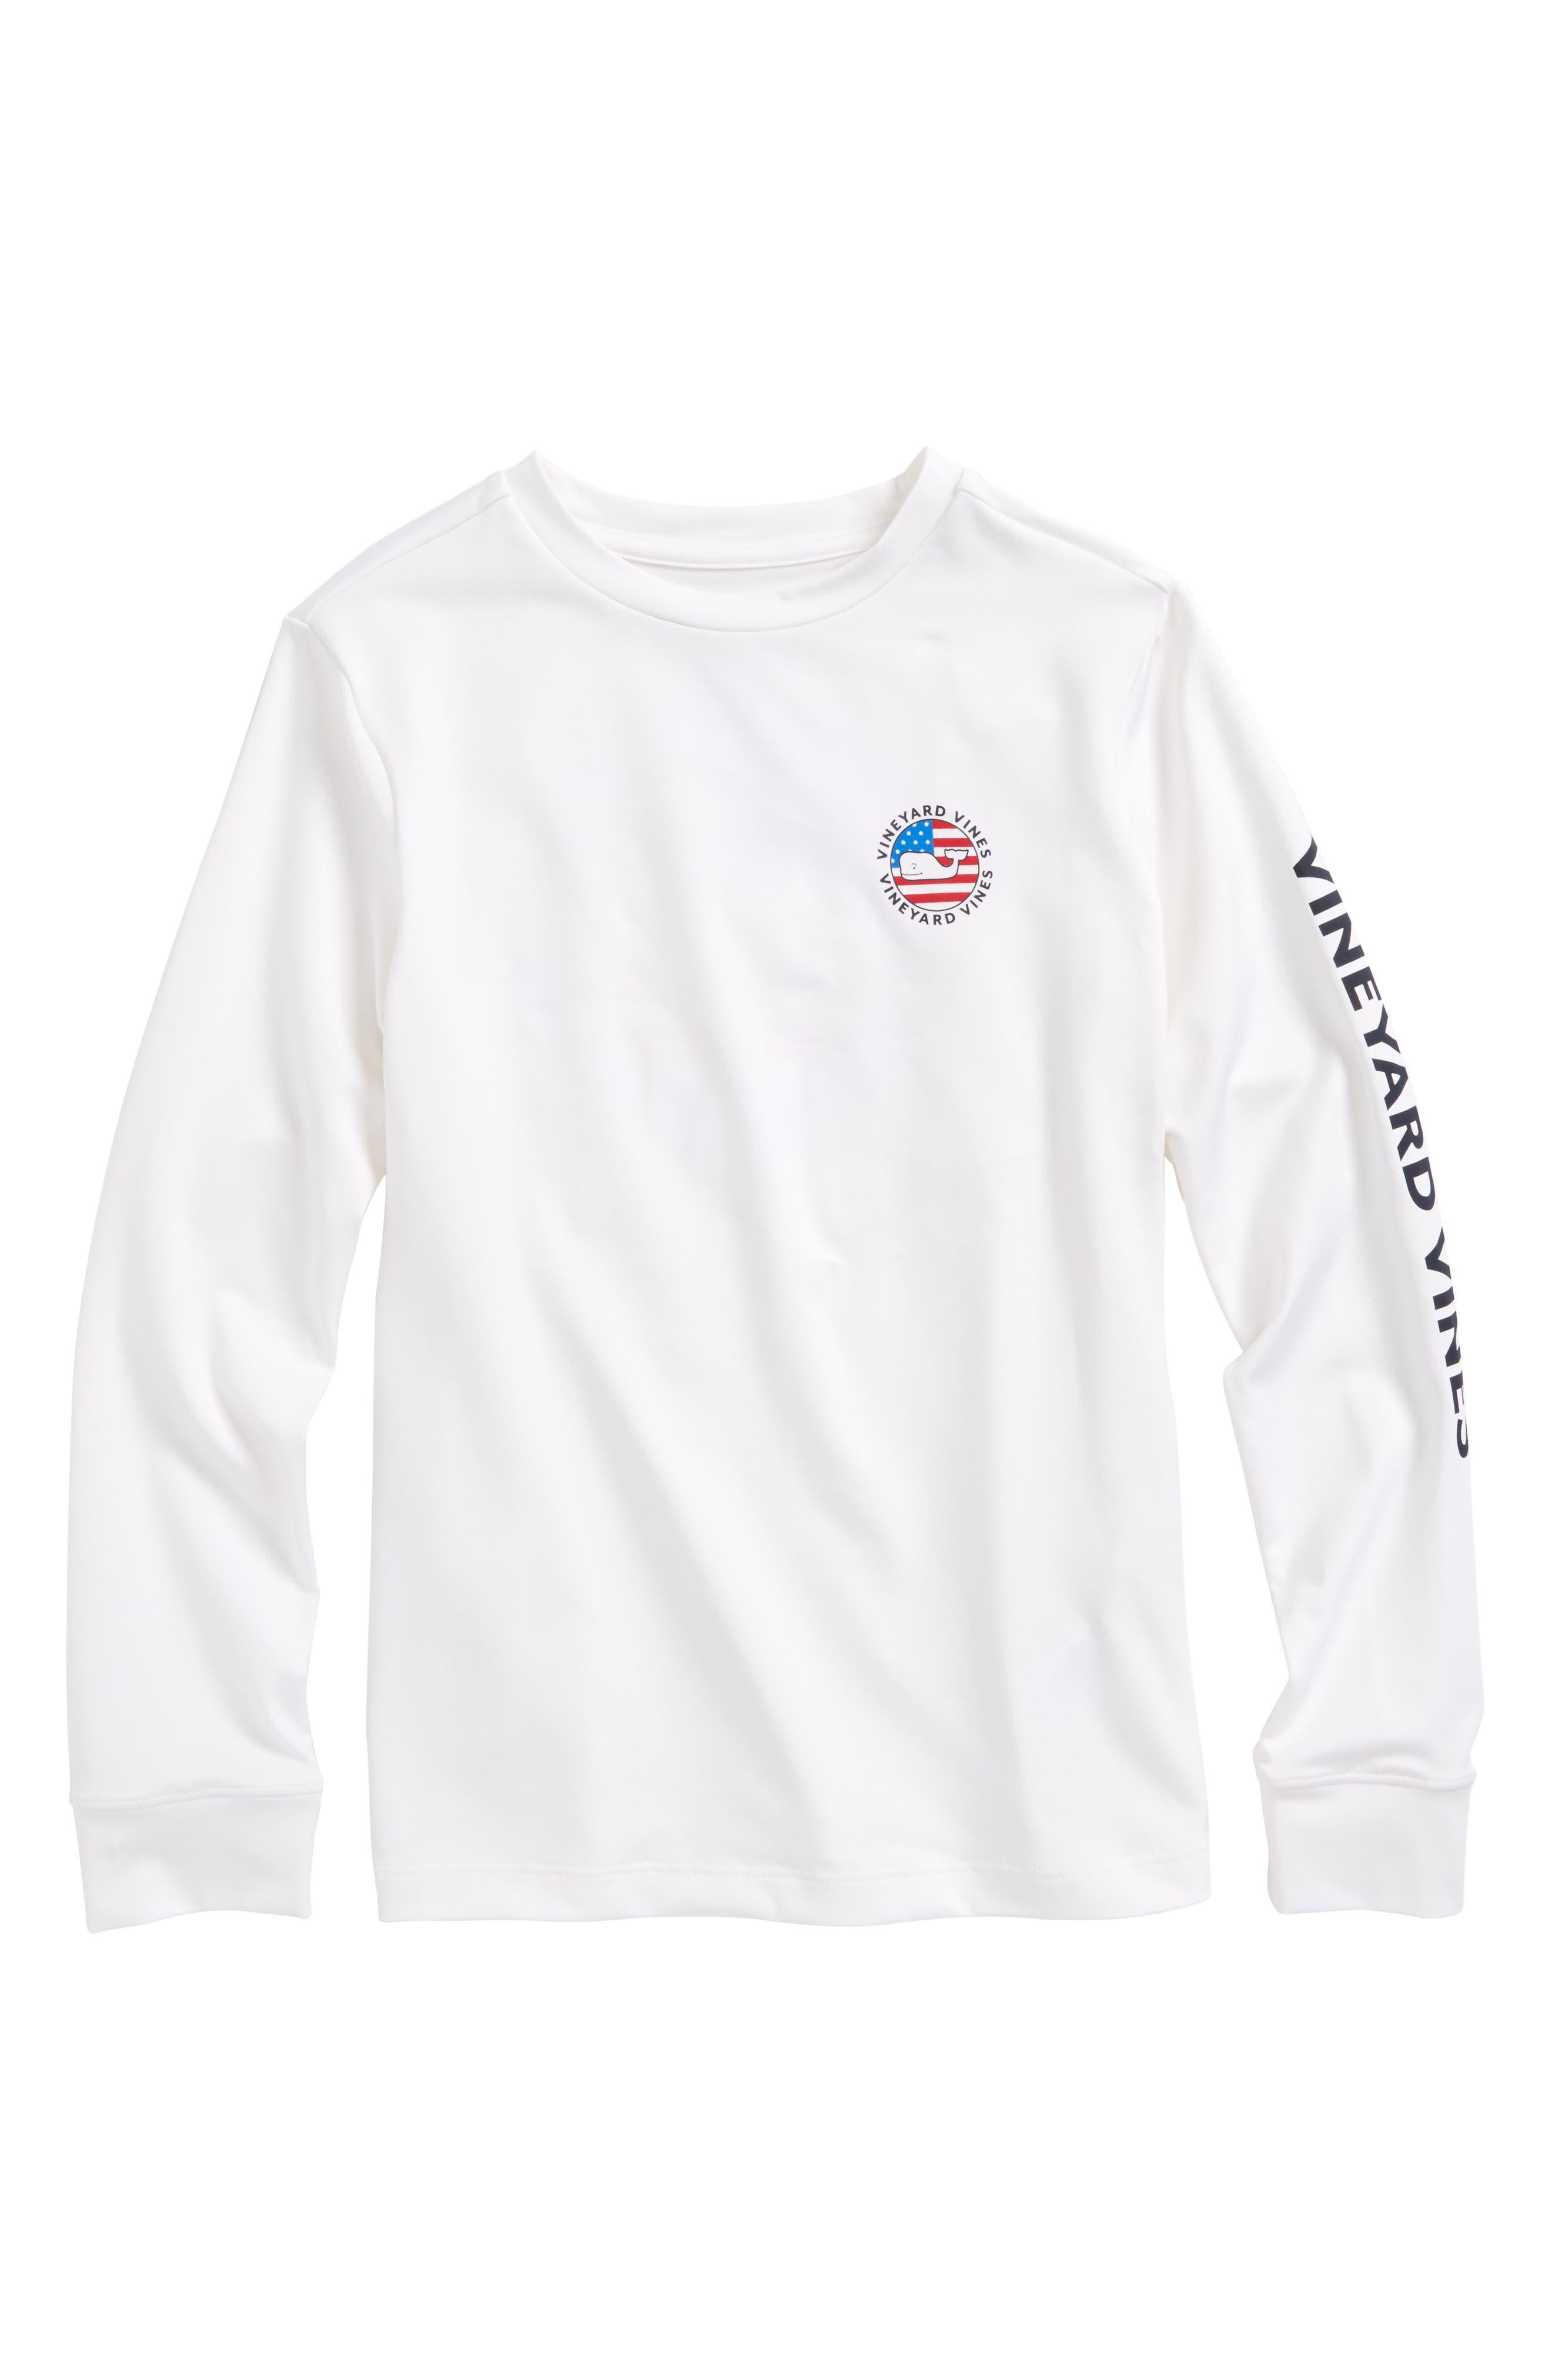 Performance Patriot Dot T-Shirt,                             Main thumbnail 1, color,                             White Cap